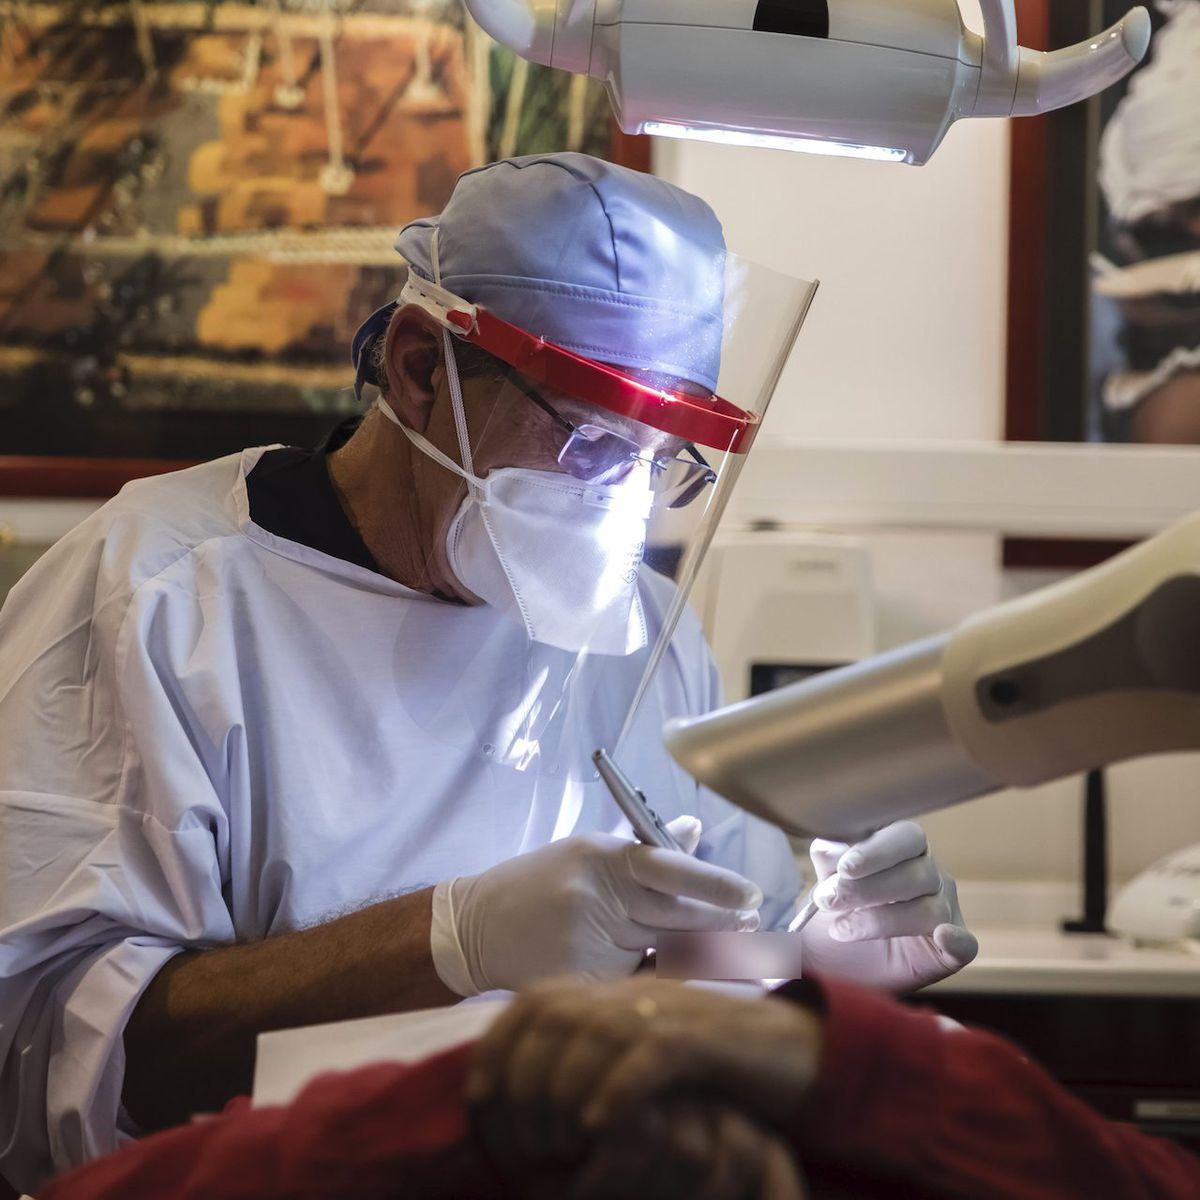 Aide du gouvernement pendant la crise sanitaire : les dentistes sommés de les rembourser!